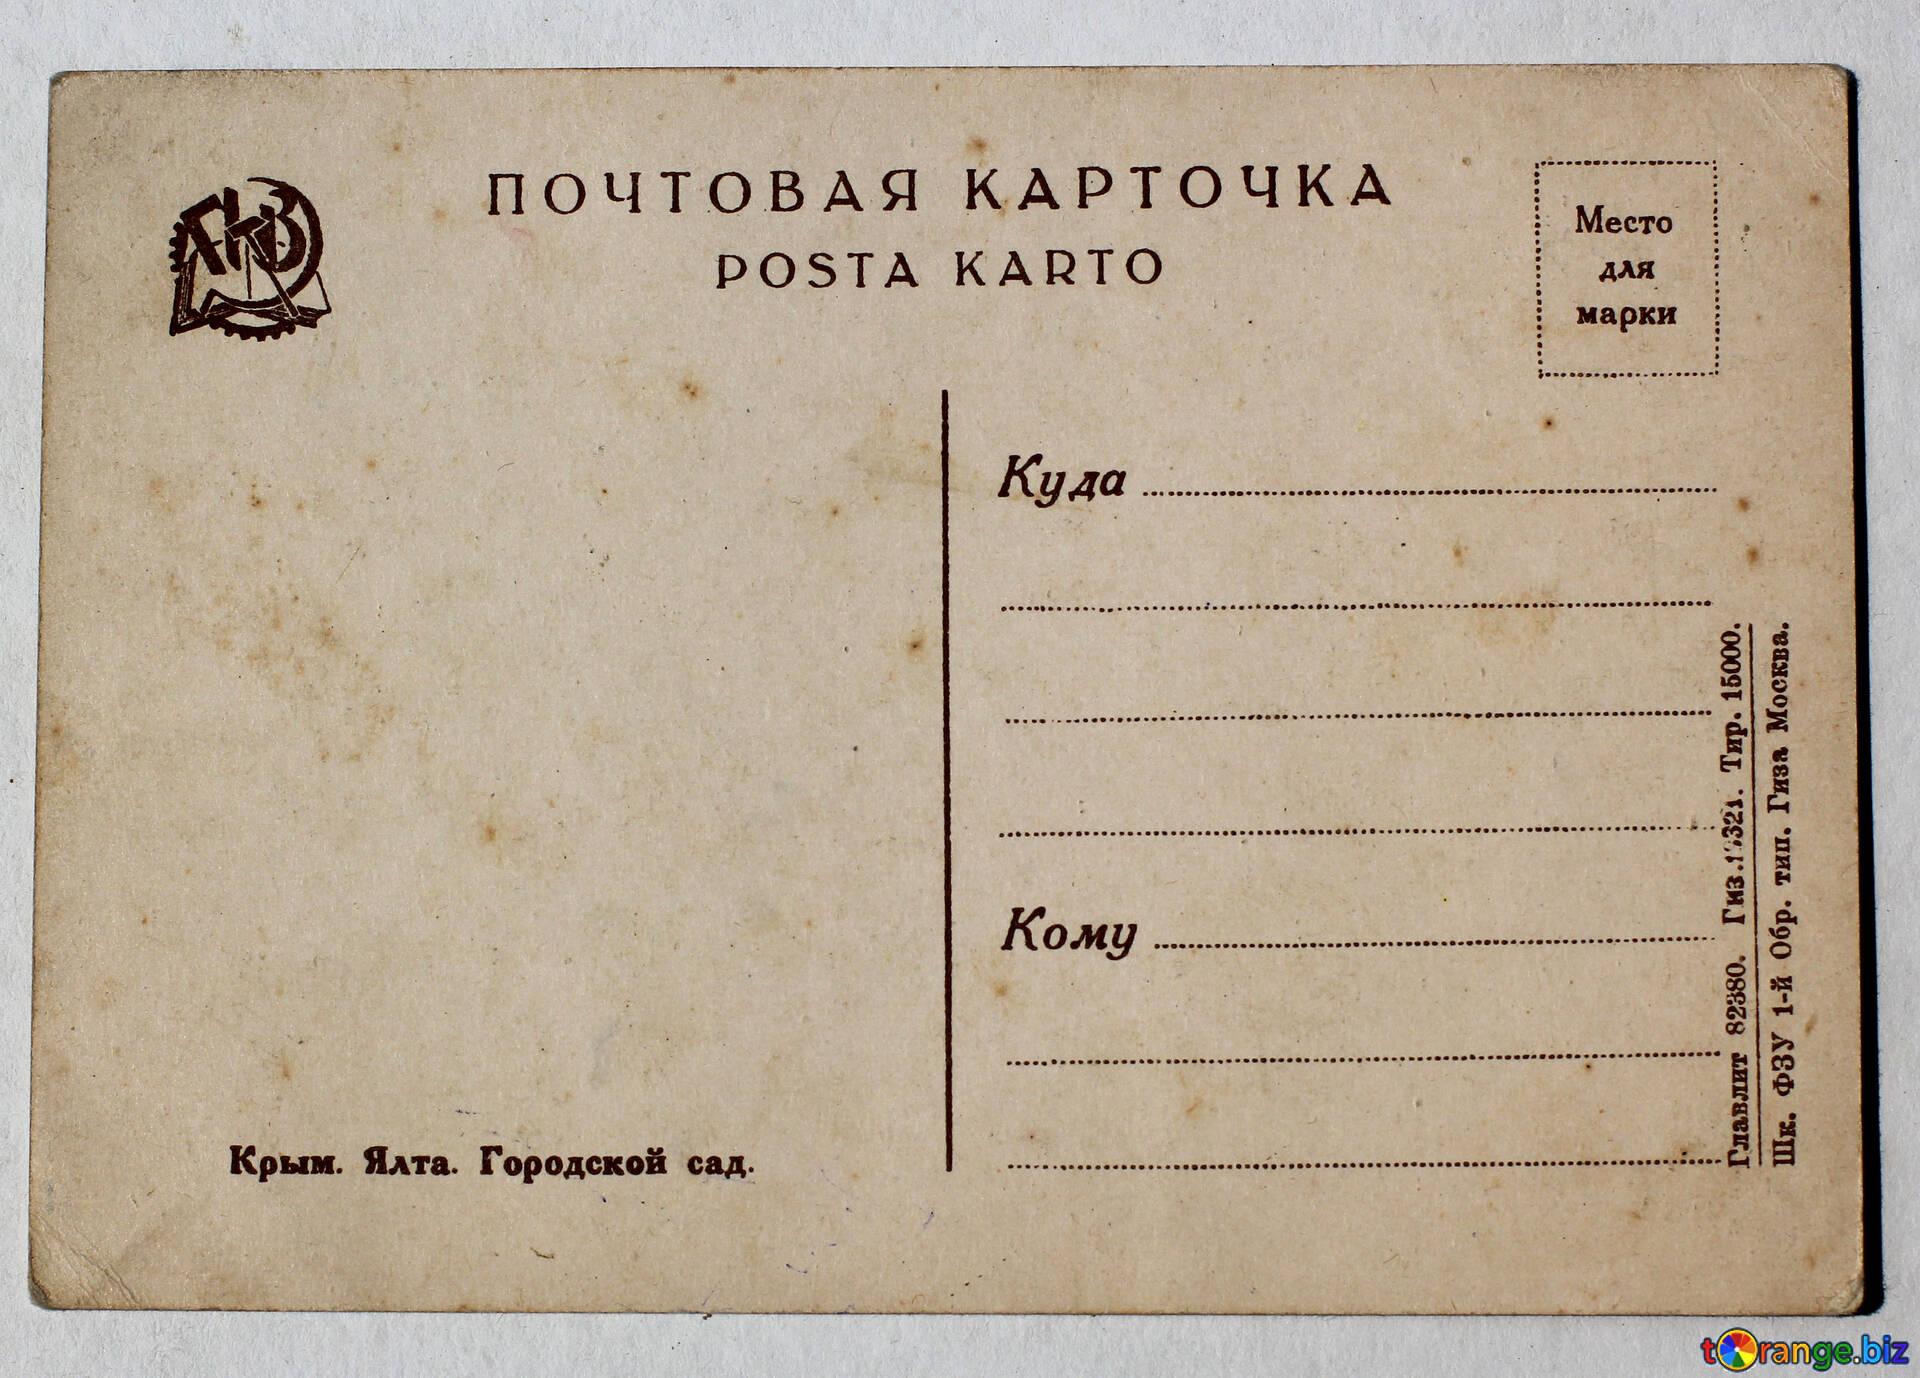 Антикварные почтовые открытки, открытка хрюшей